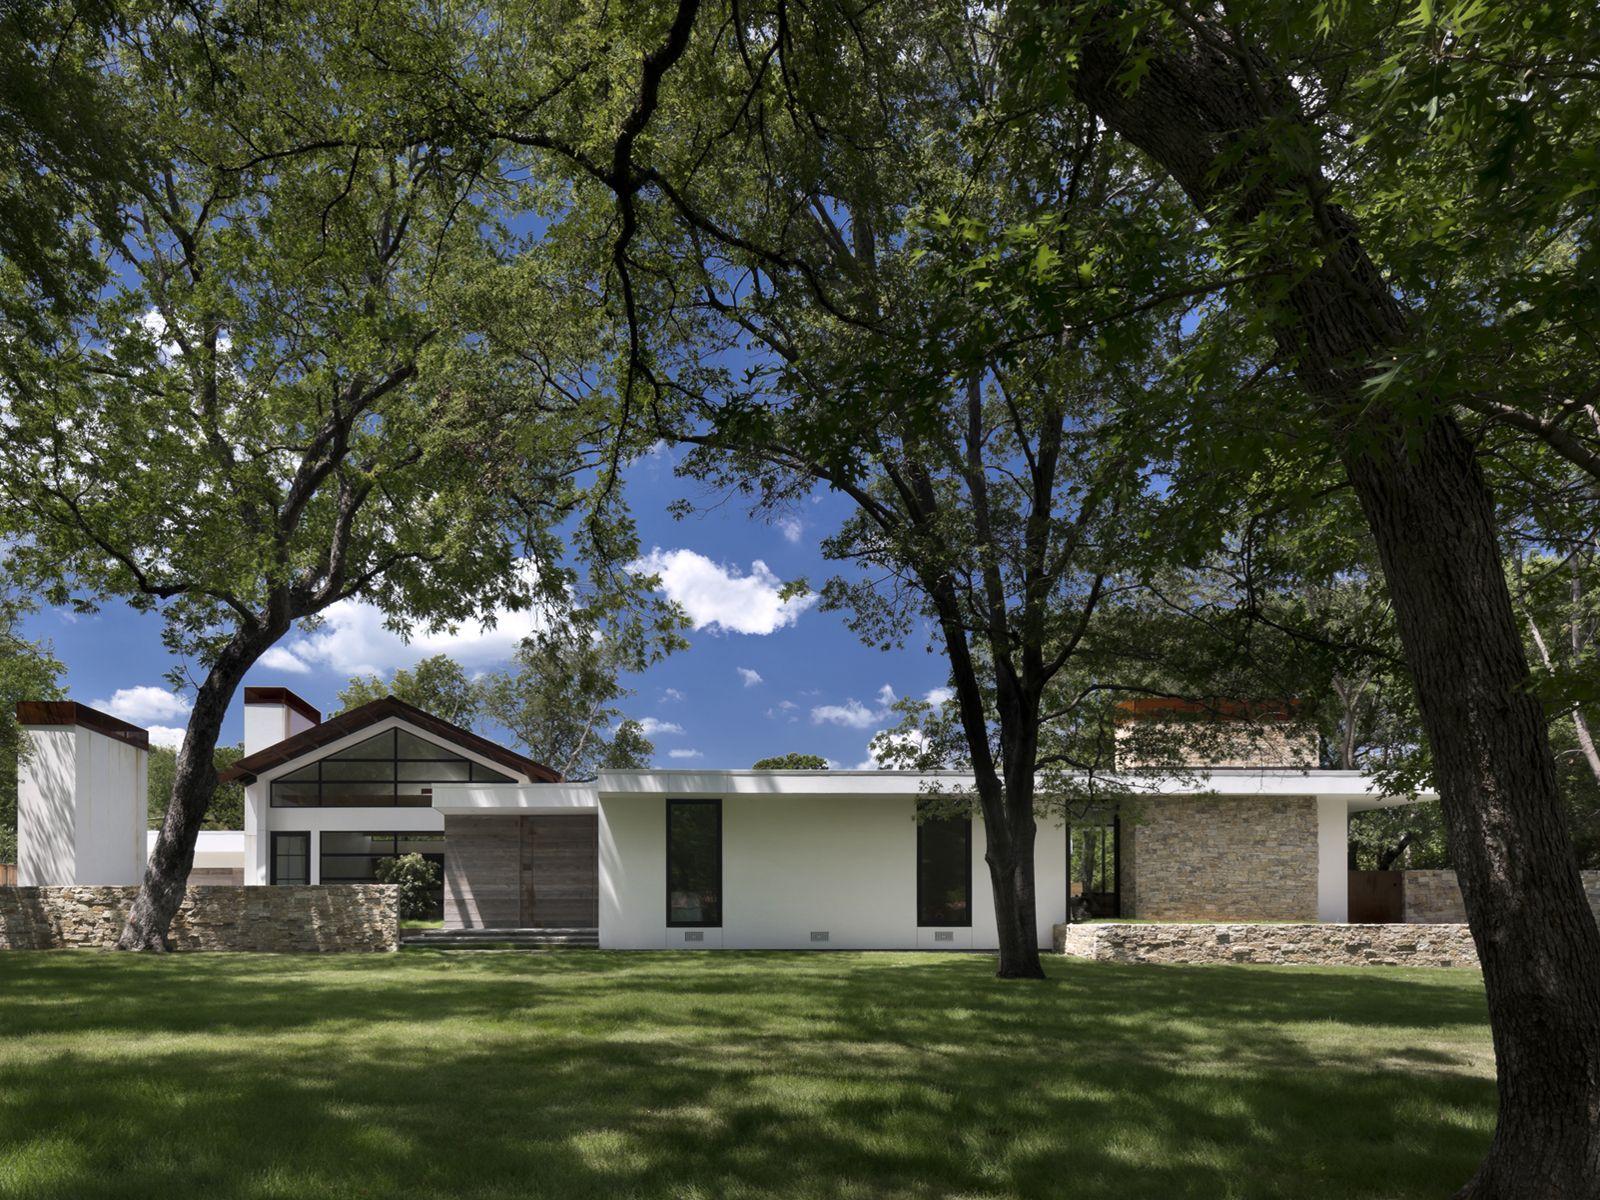 Casa de un piso con cuatro dormitorios for Casa moderna 2015 orari